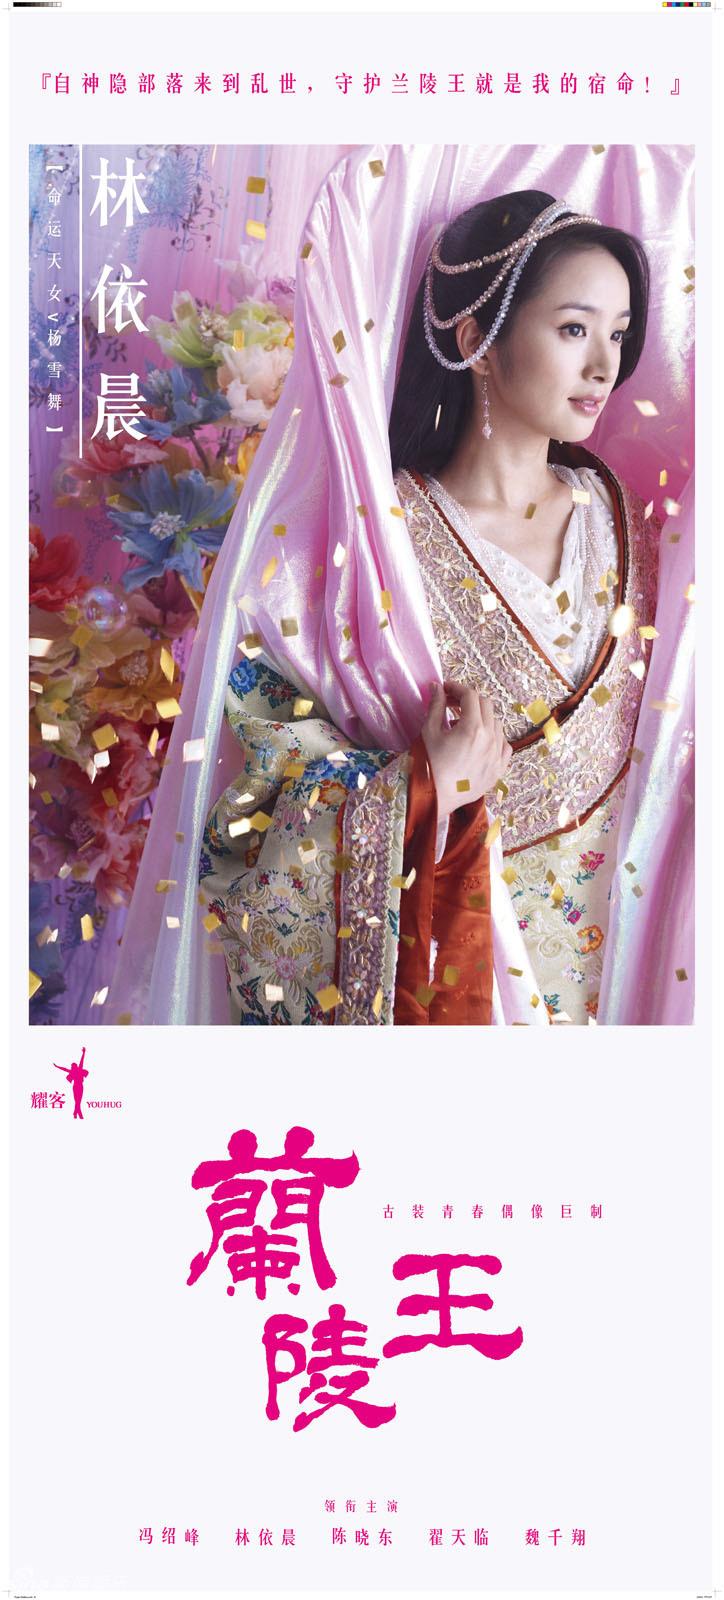 Hinh-anh-phim-Lan-lang-vuong-2012_02.jpg